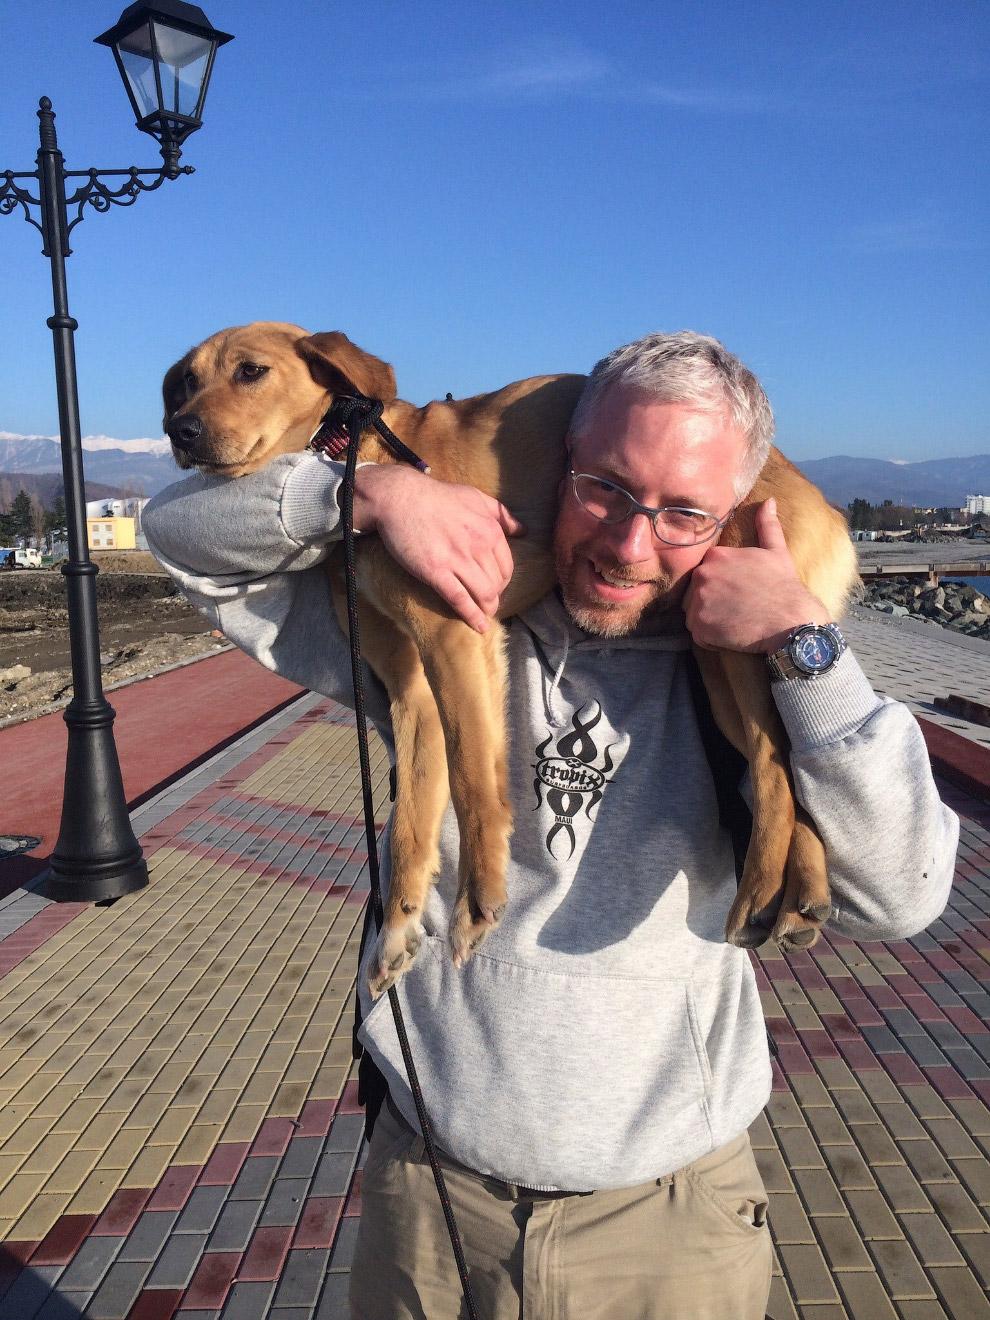 Нейл Дререр из Денвера, который работает на Играх в Сочи, нашел там себе четвероногого друга среди местных бродячих собак и собирается увезти его домой в Штаты